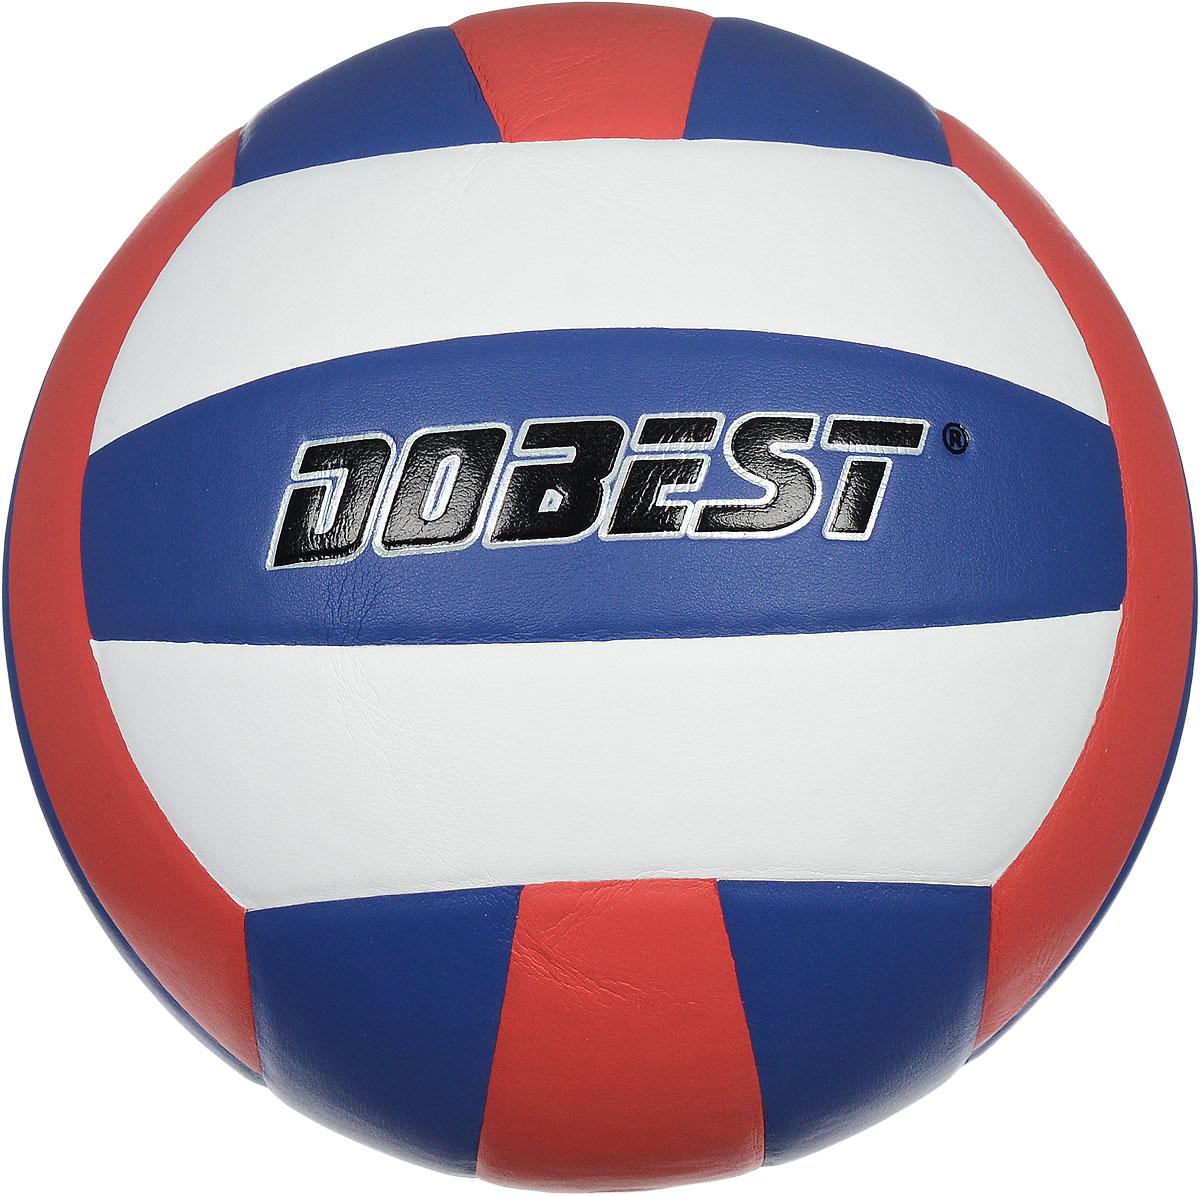 """Мяч волейбольный """"Dobest"""", цвет: белый, синий, красный. Размер 5"""